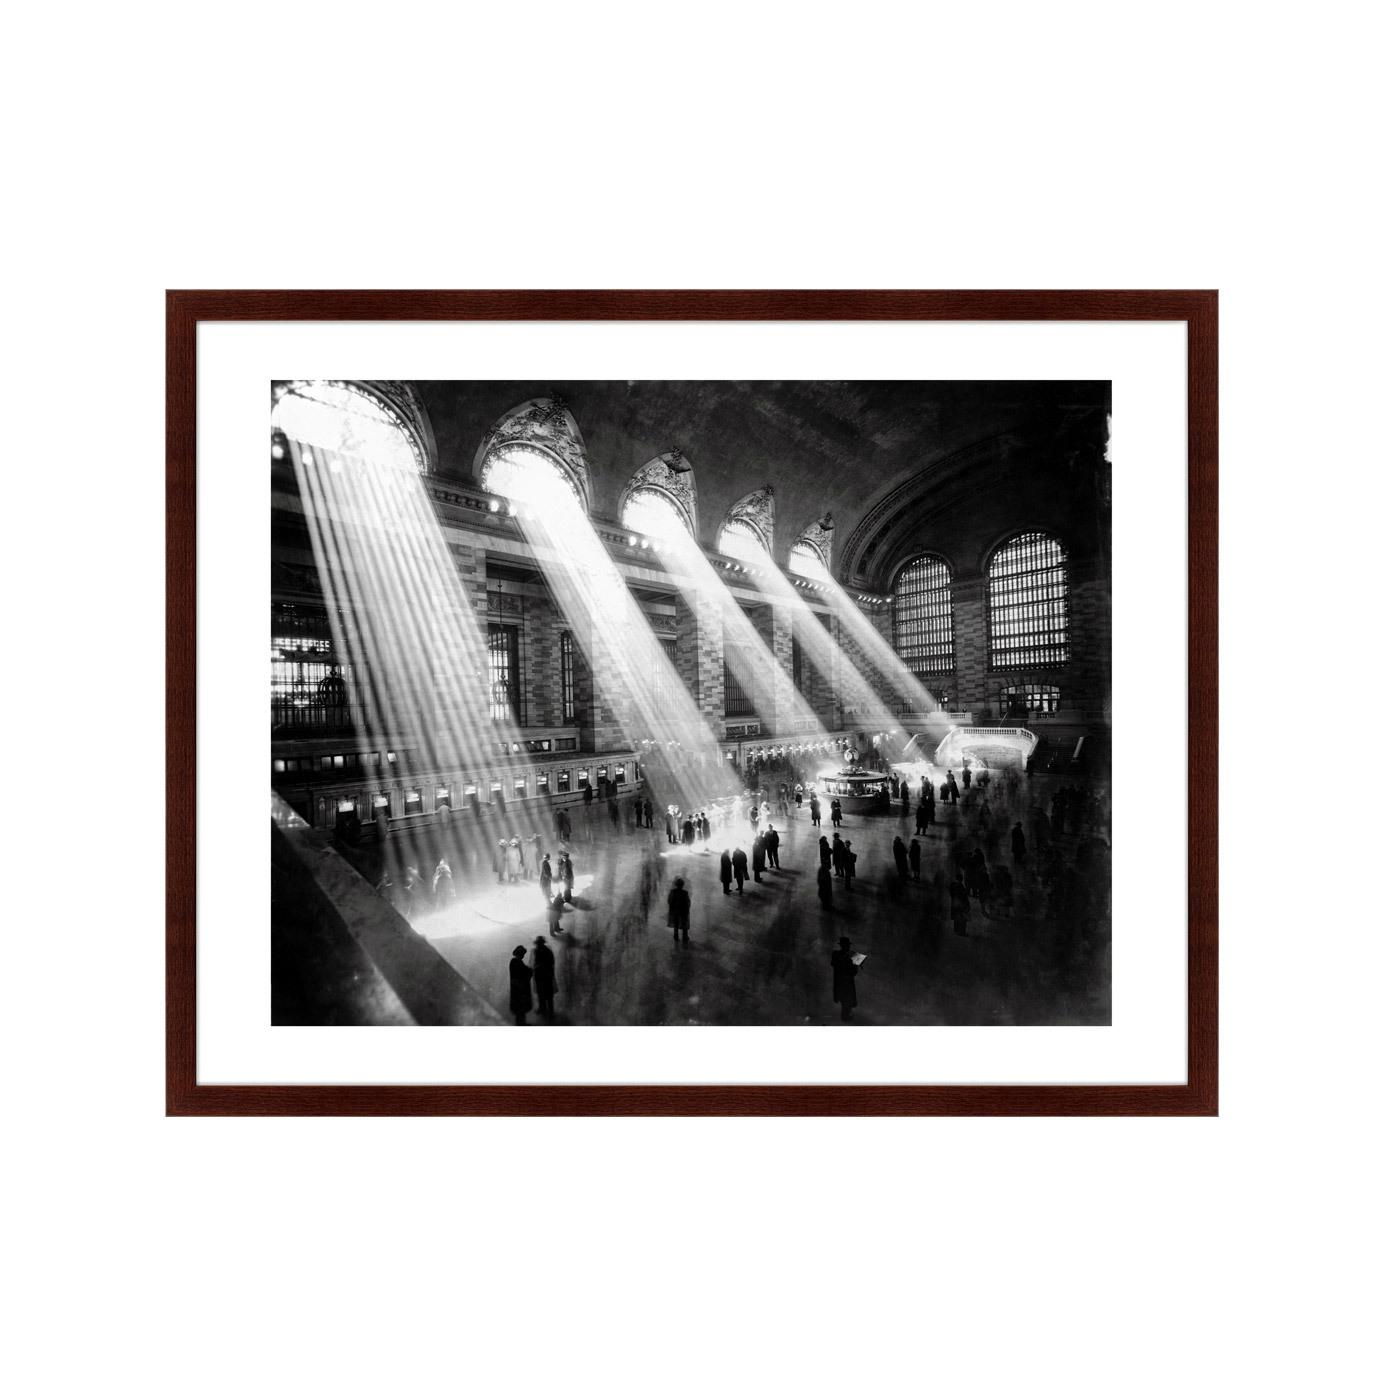 {} Картины в Квартиру Картина Главный Зал Центрального Вокзала Нью-Йорка (79х100 см) картины в квартиру картина игра света 79х100 см